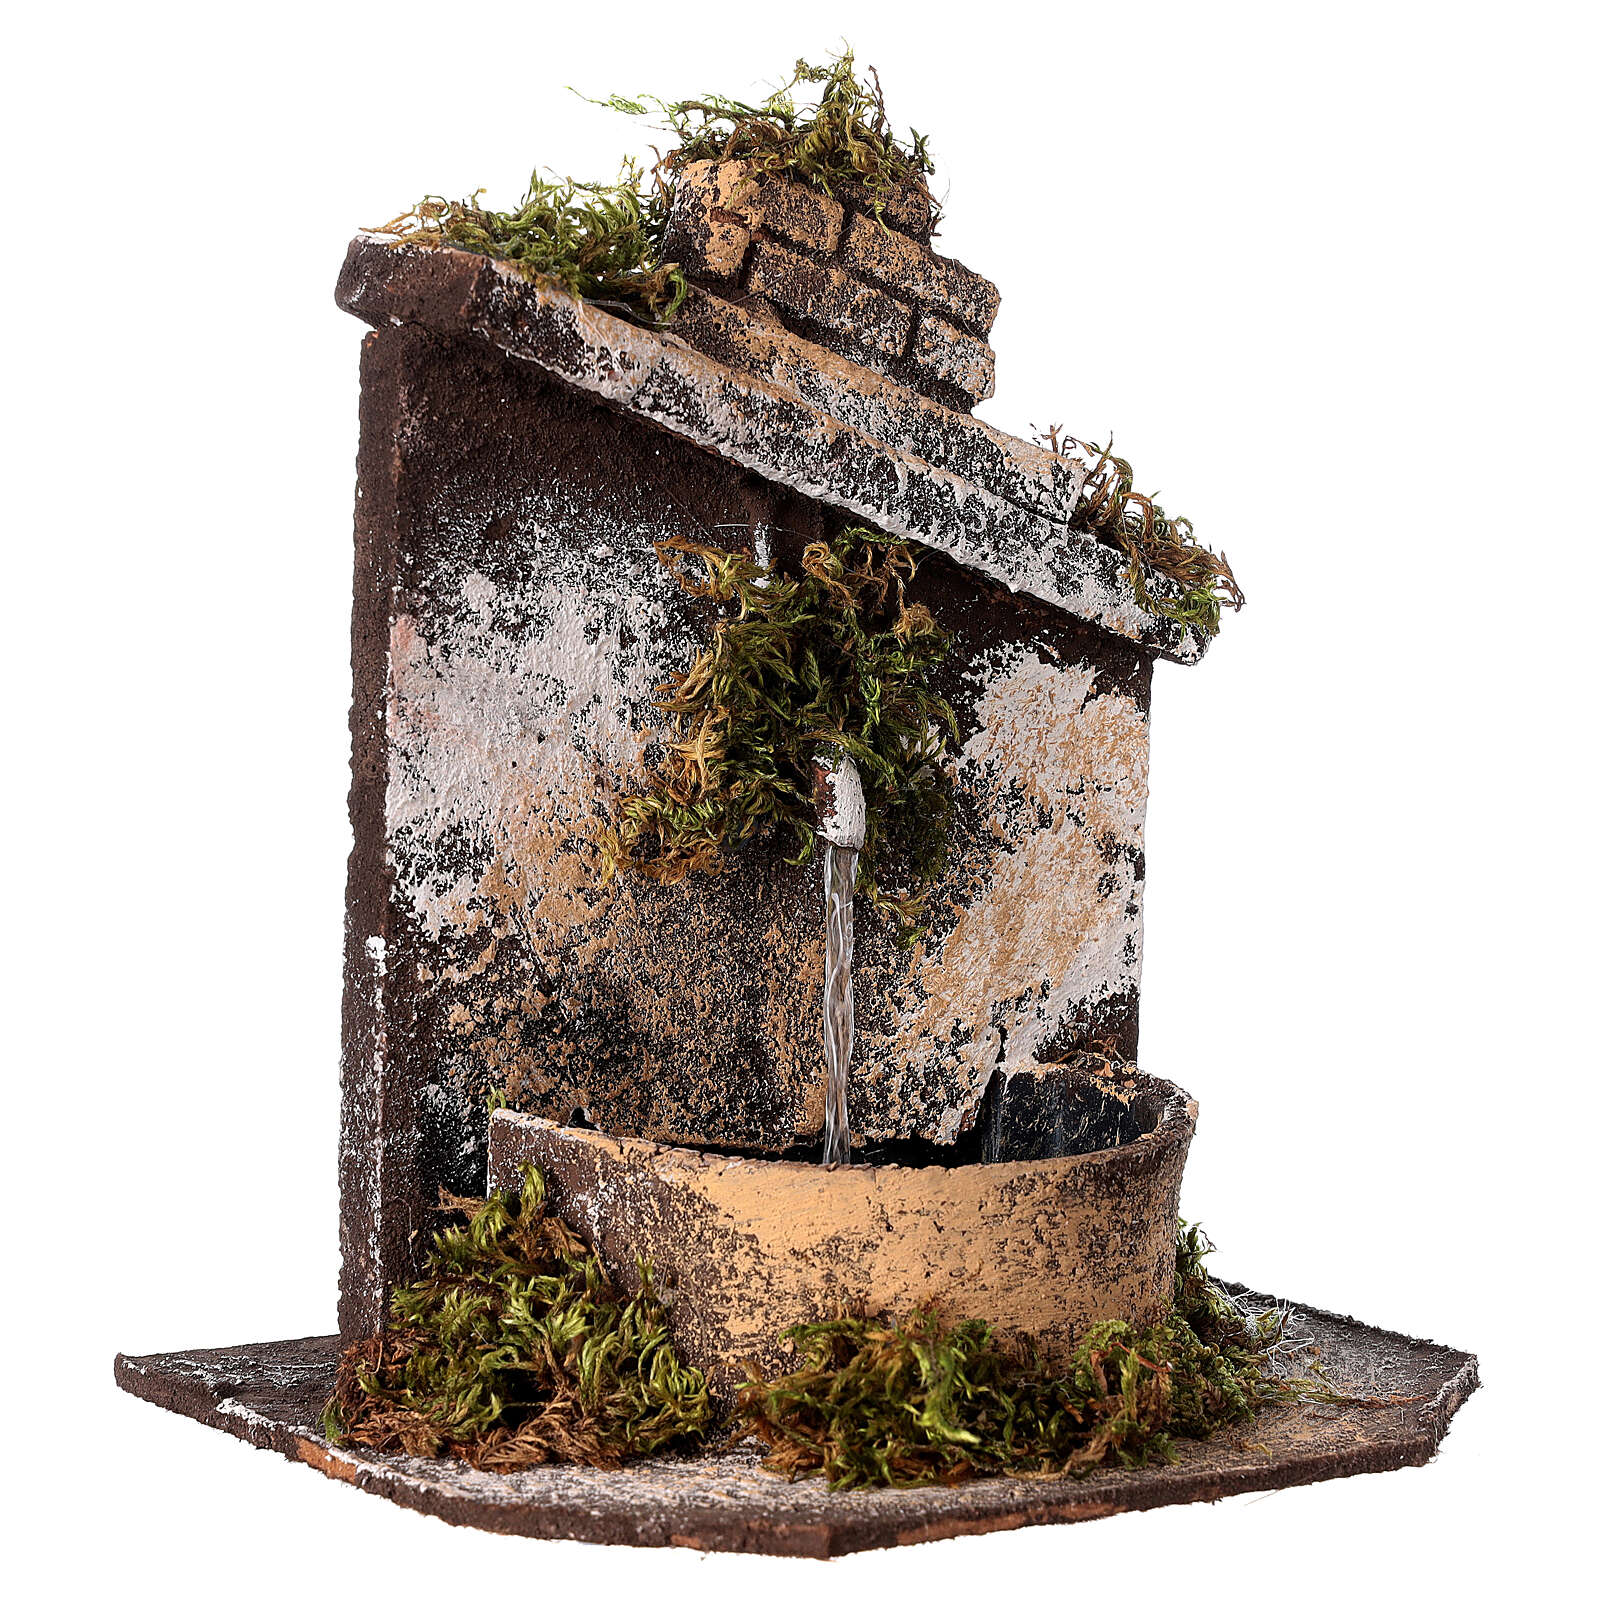 Fontana legno e sughero presepe Napoli 16x14,5x14 4